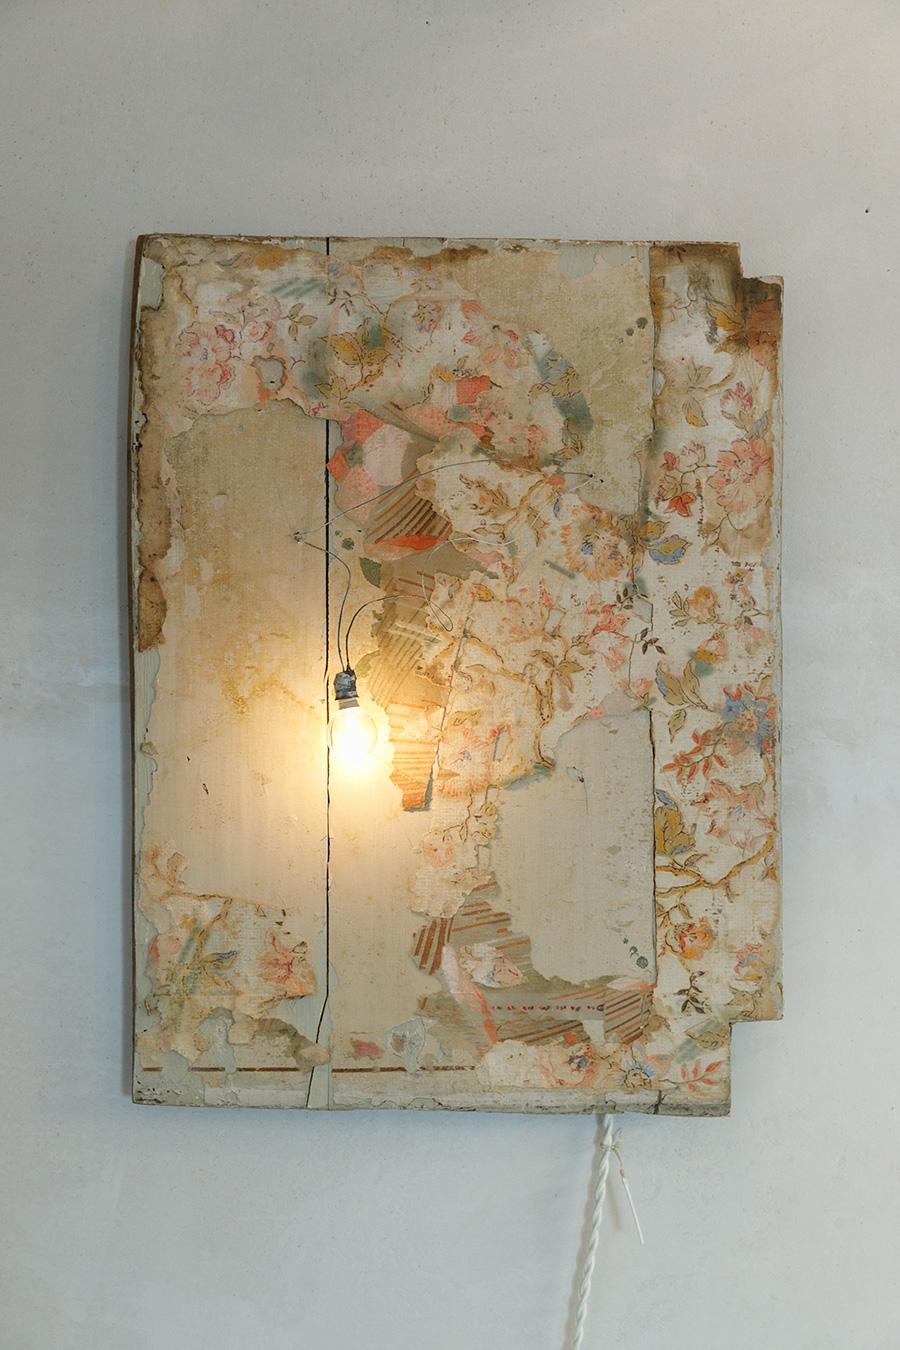 古い壁紙が残るボードに、電球をひとつ。ソケットから伸びるコードもアートのひとつになっている。